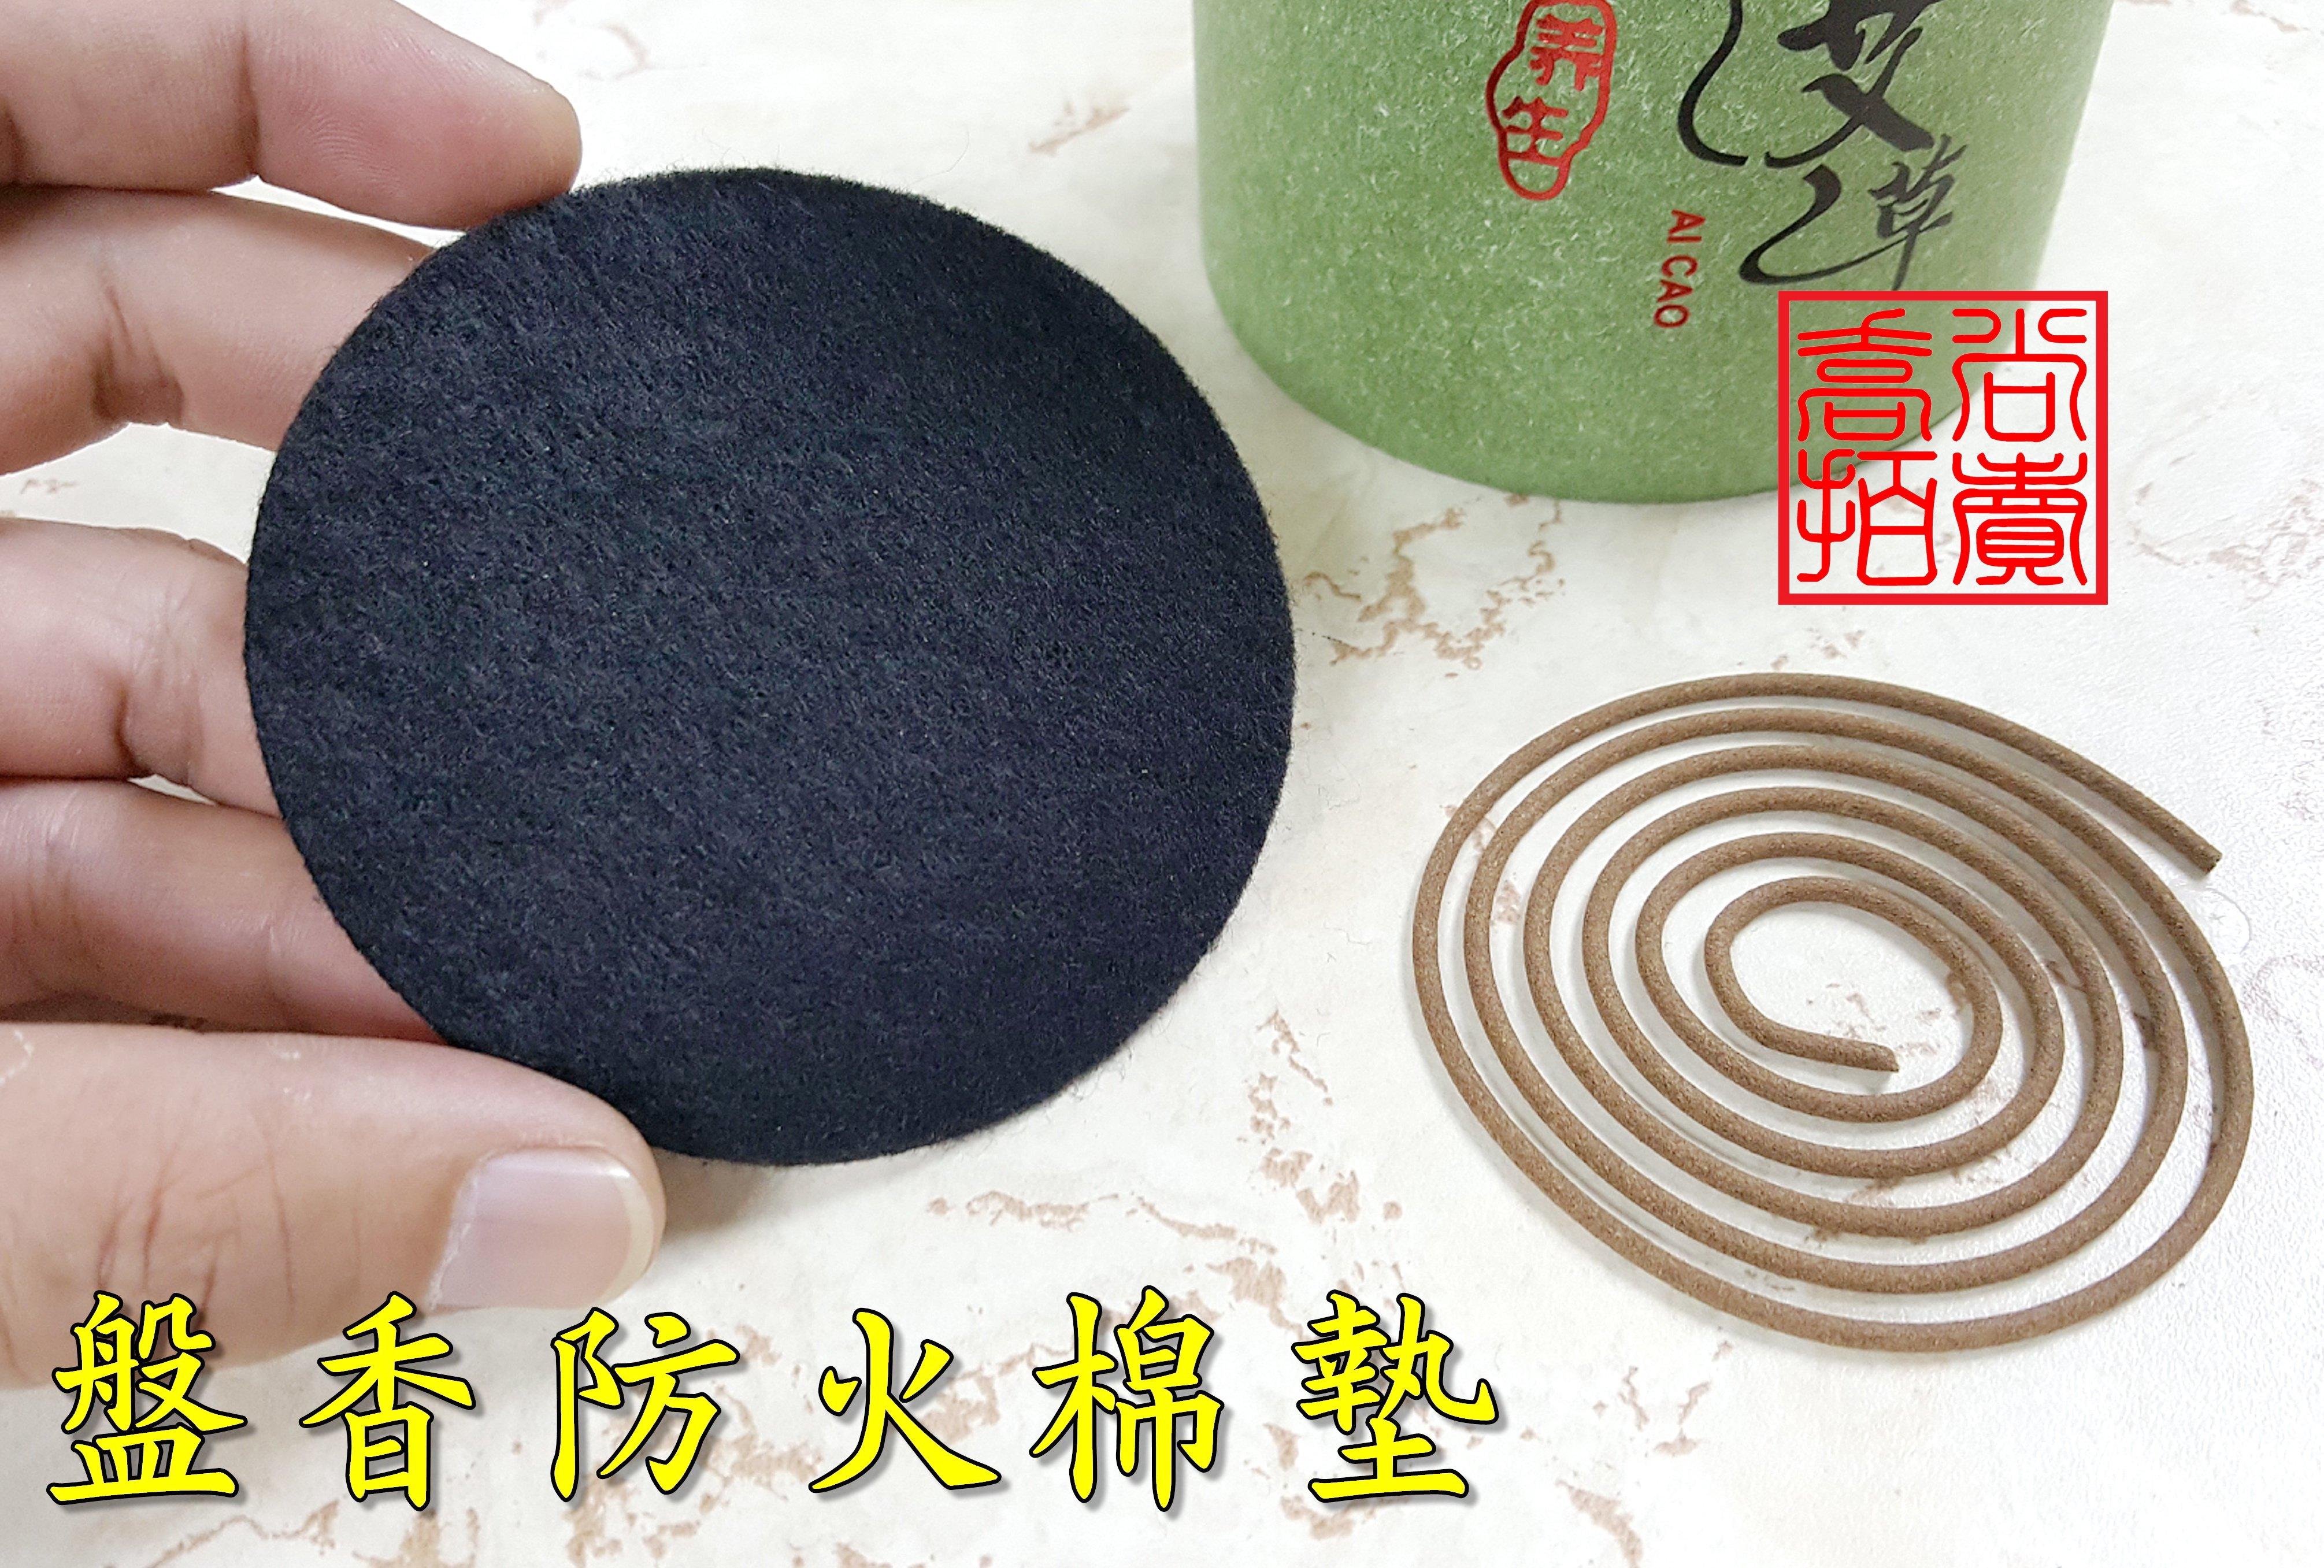 【喬尚拍賣】盤香線香防火棉墊.圓形8cm 長條22.5cm 香品平放不會熄滅